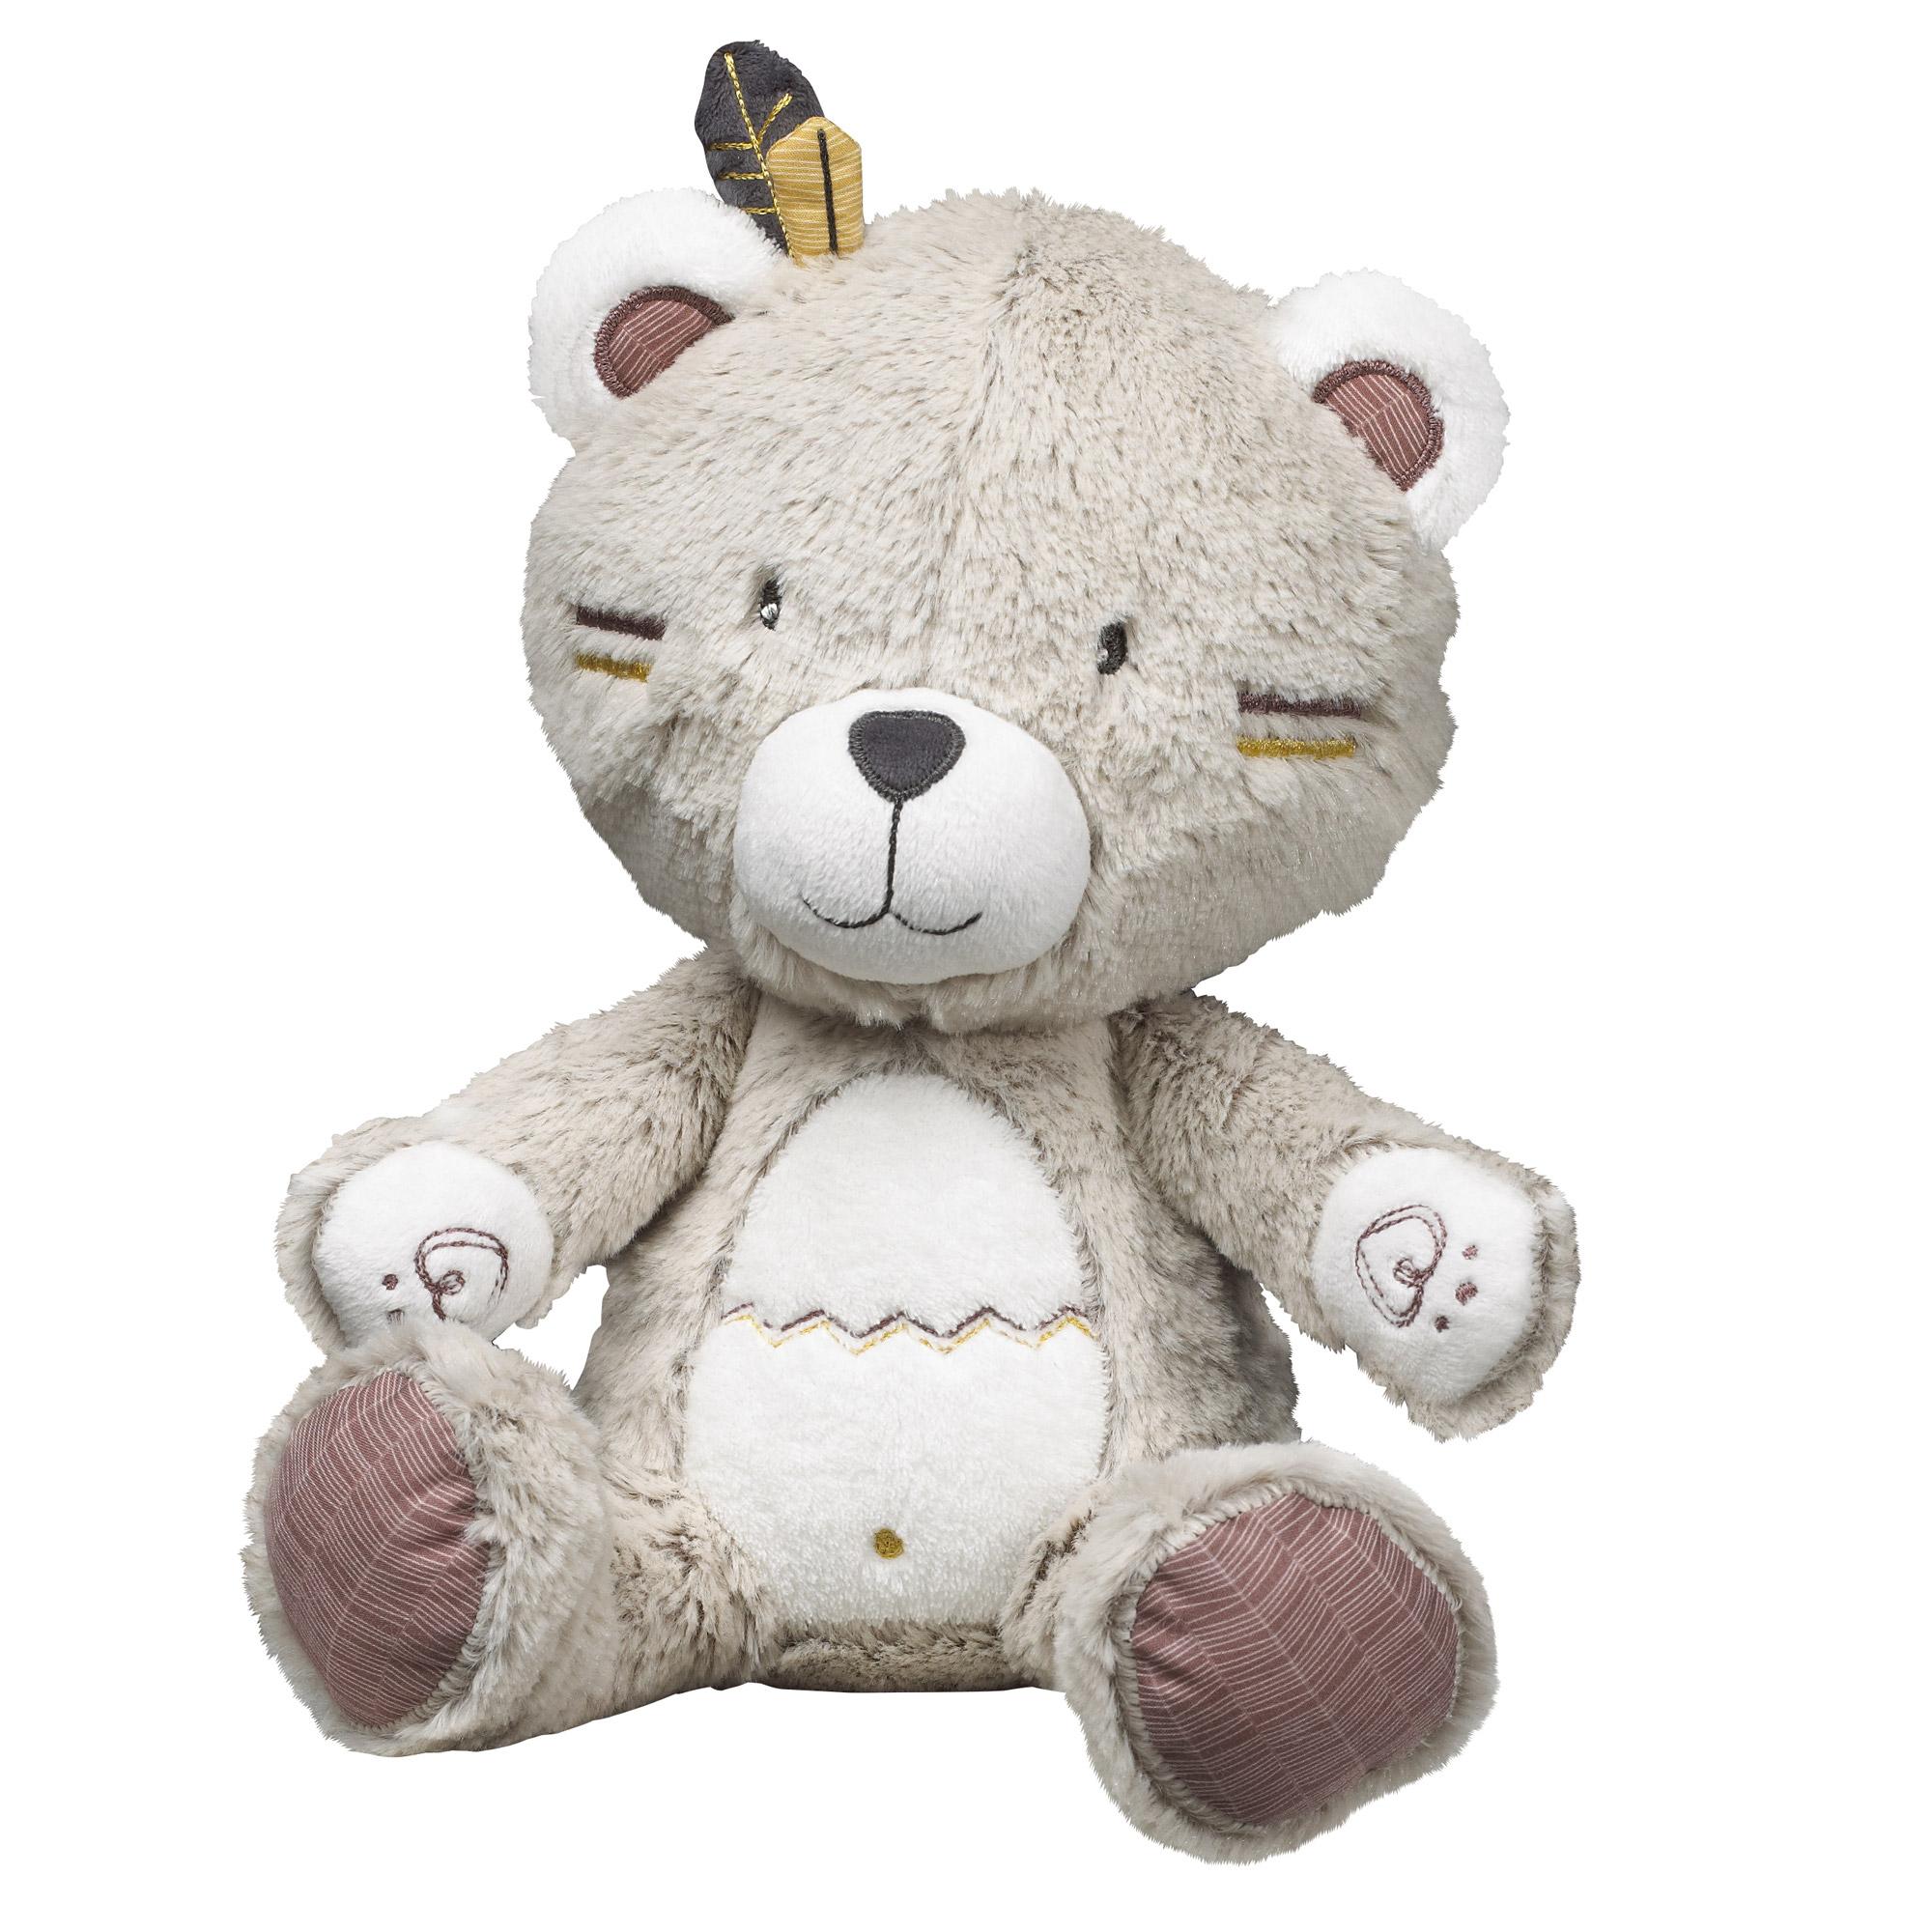 timouki doudou beige de sauthon baby d co doudous aubert. Black Bedroom Furniture Sets. Home Design Ideas